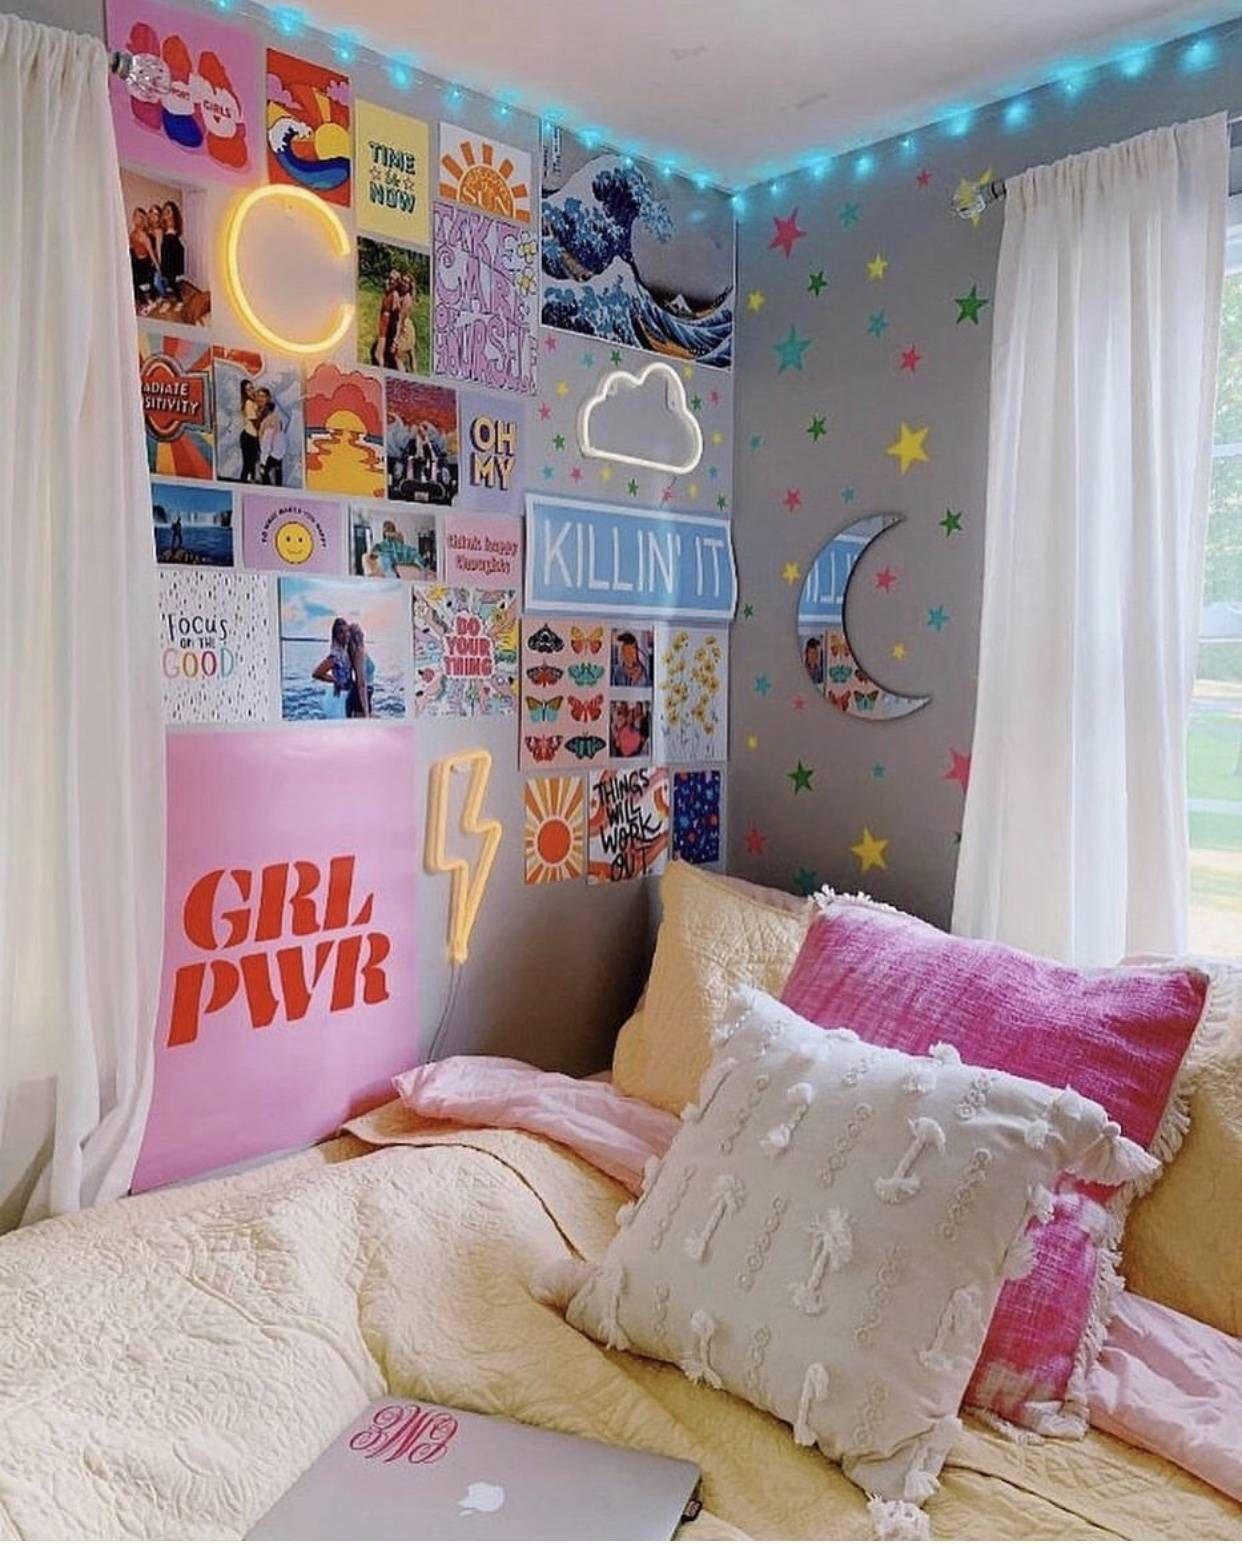 Hiasan Dinding Kamar Dari Kertas Kado : hiasan, dinding, kamar, kertas, Bedroom, Ideas, Dekorasi, Kamar, Tidur, Remaja,, Desain, Asrama,